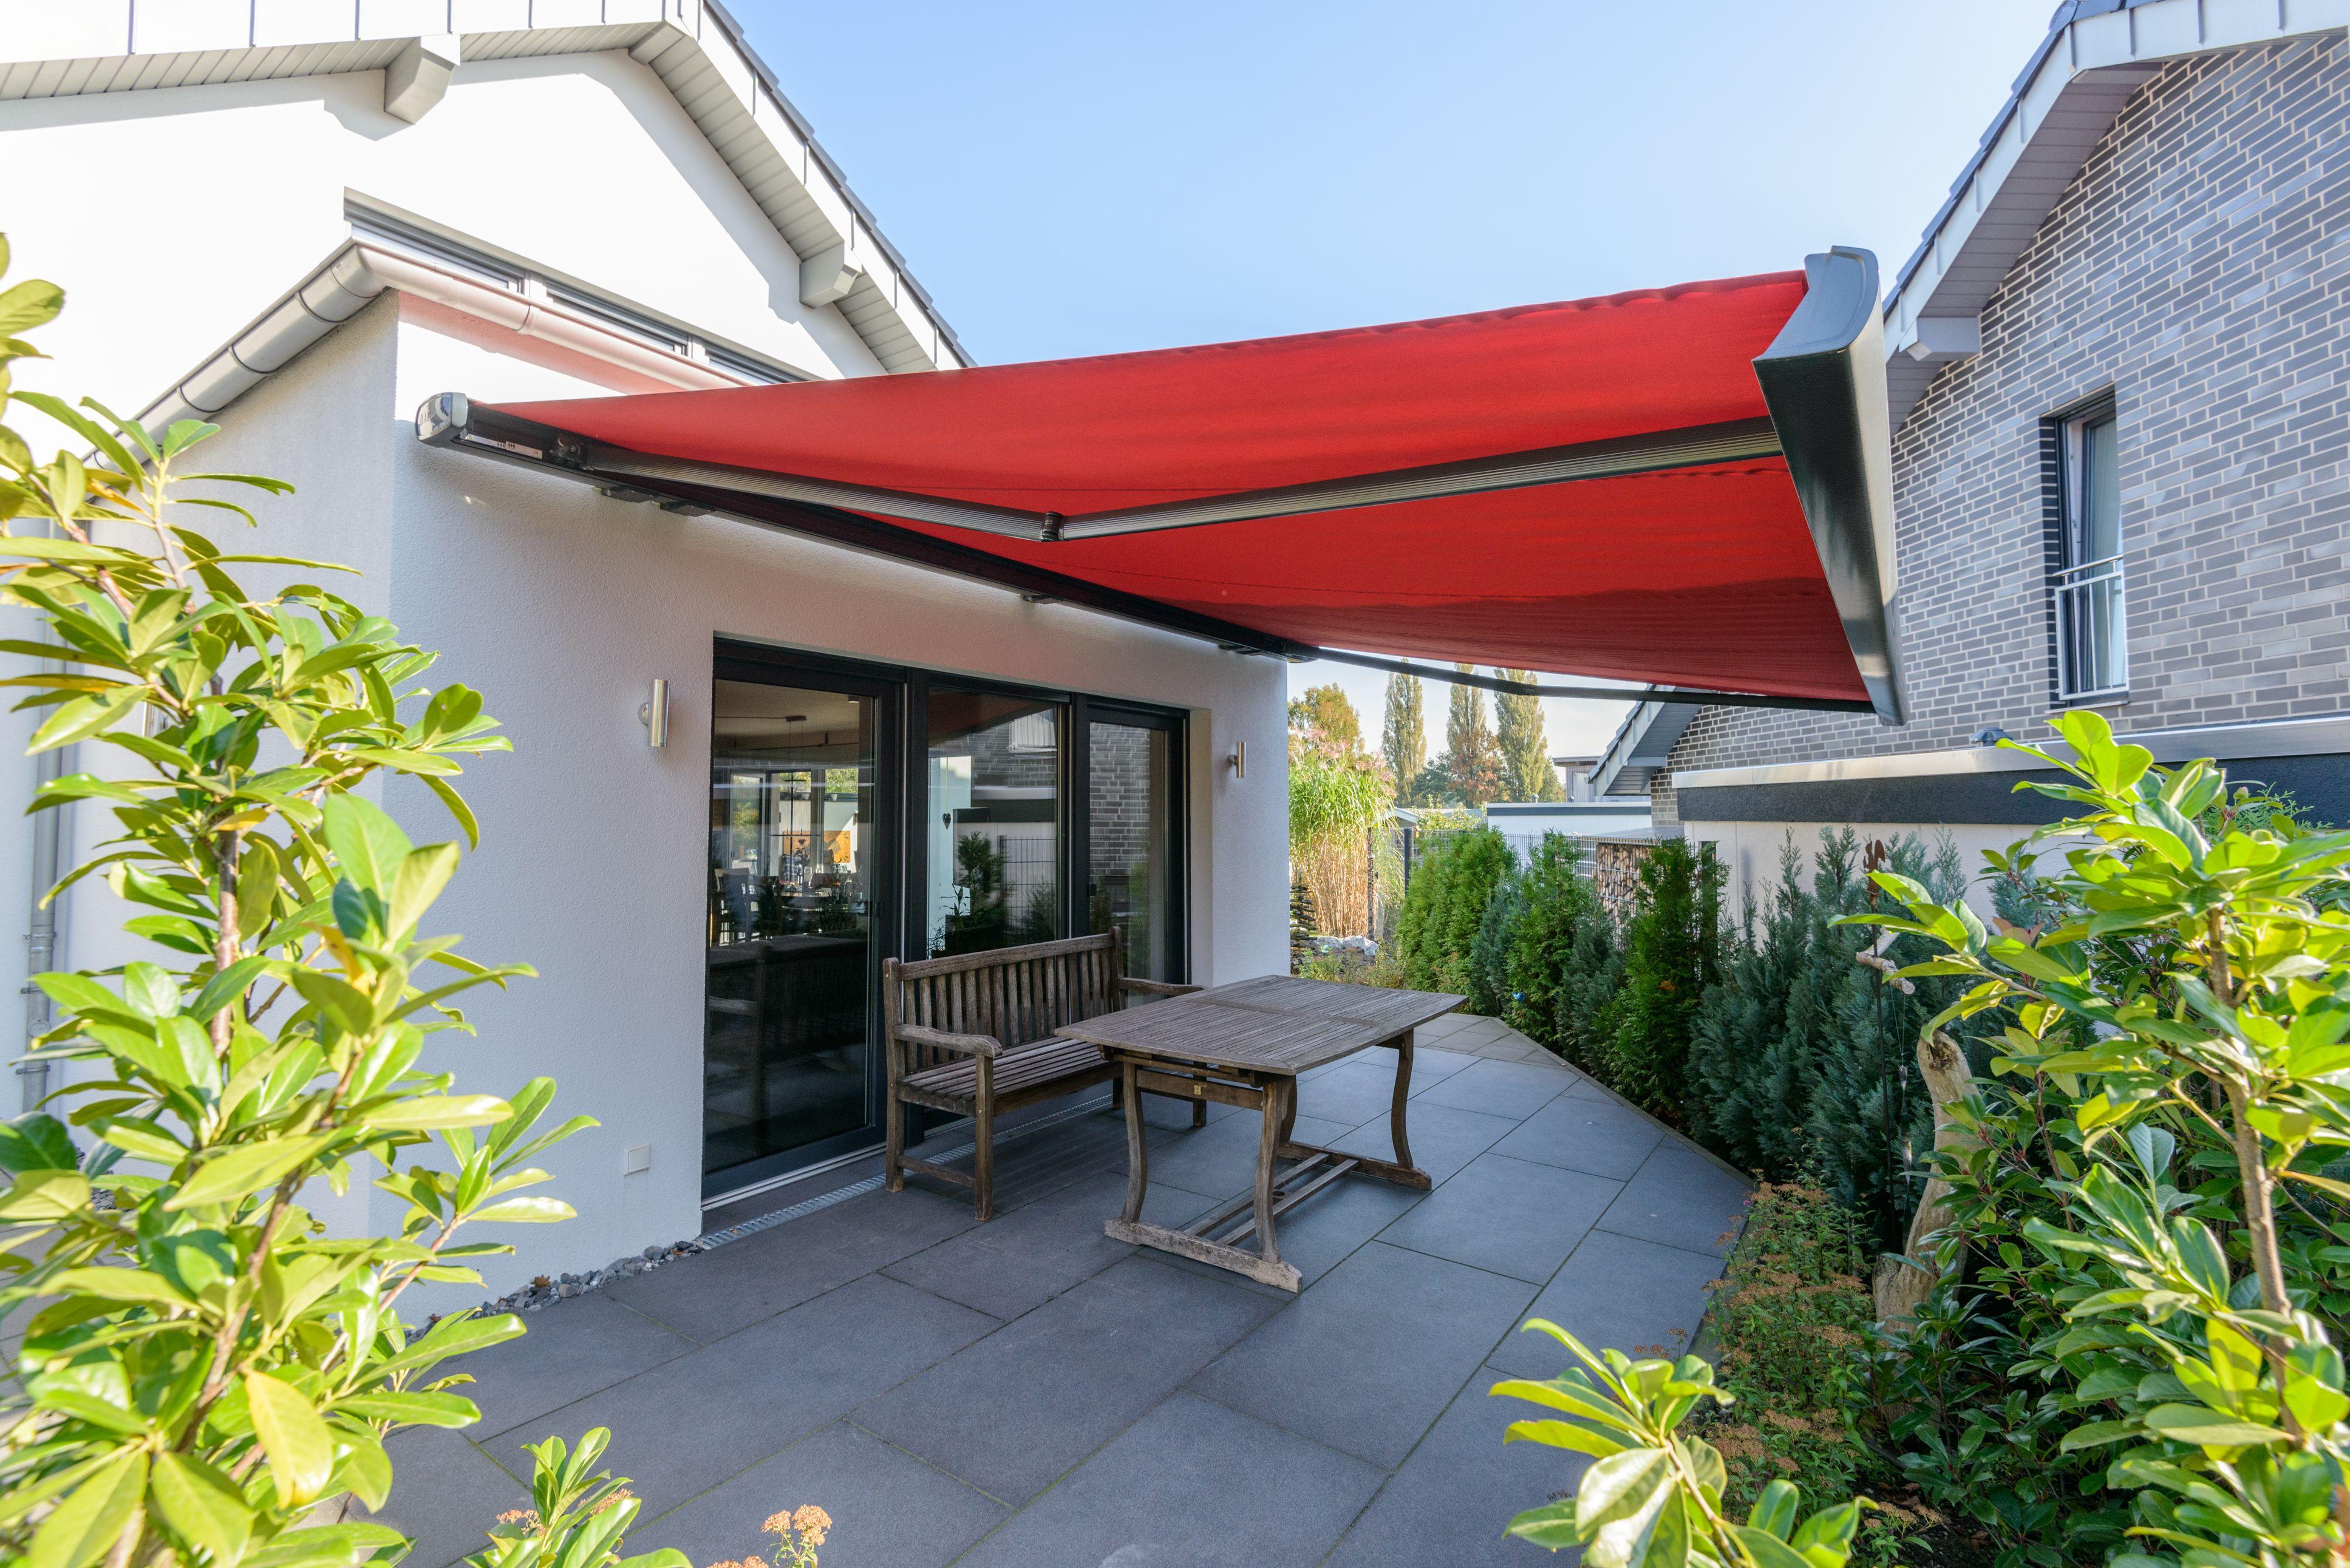 Markisen Terrasse terrassengestaltung mit einer hochwertigen markise markise